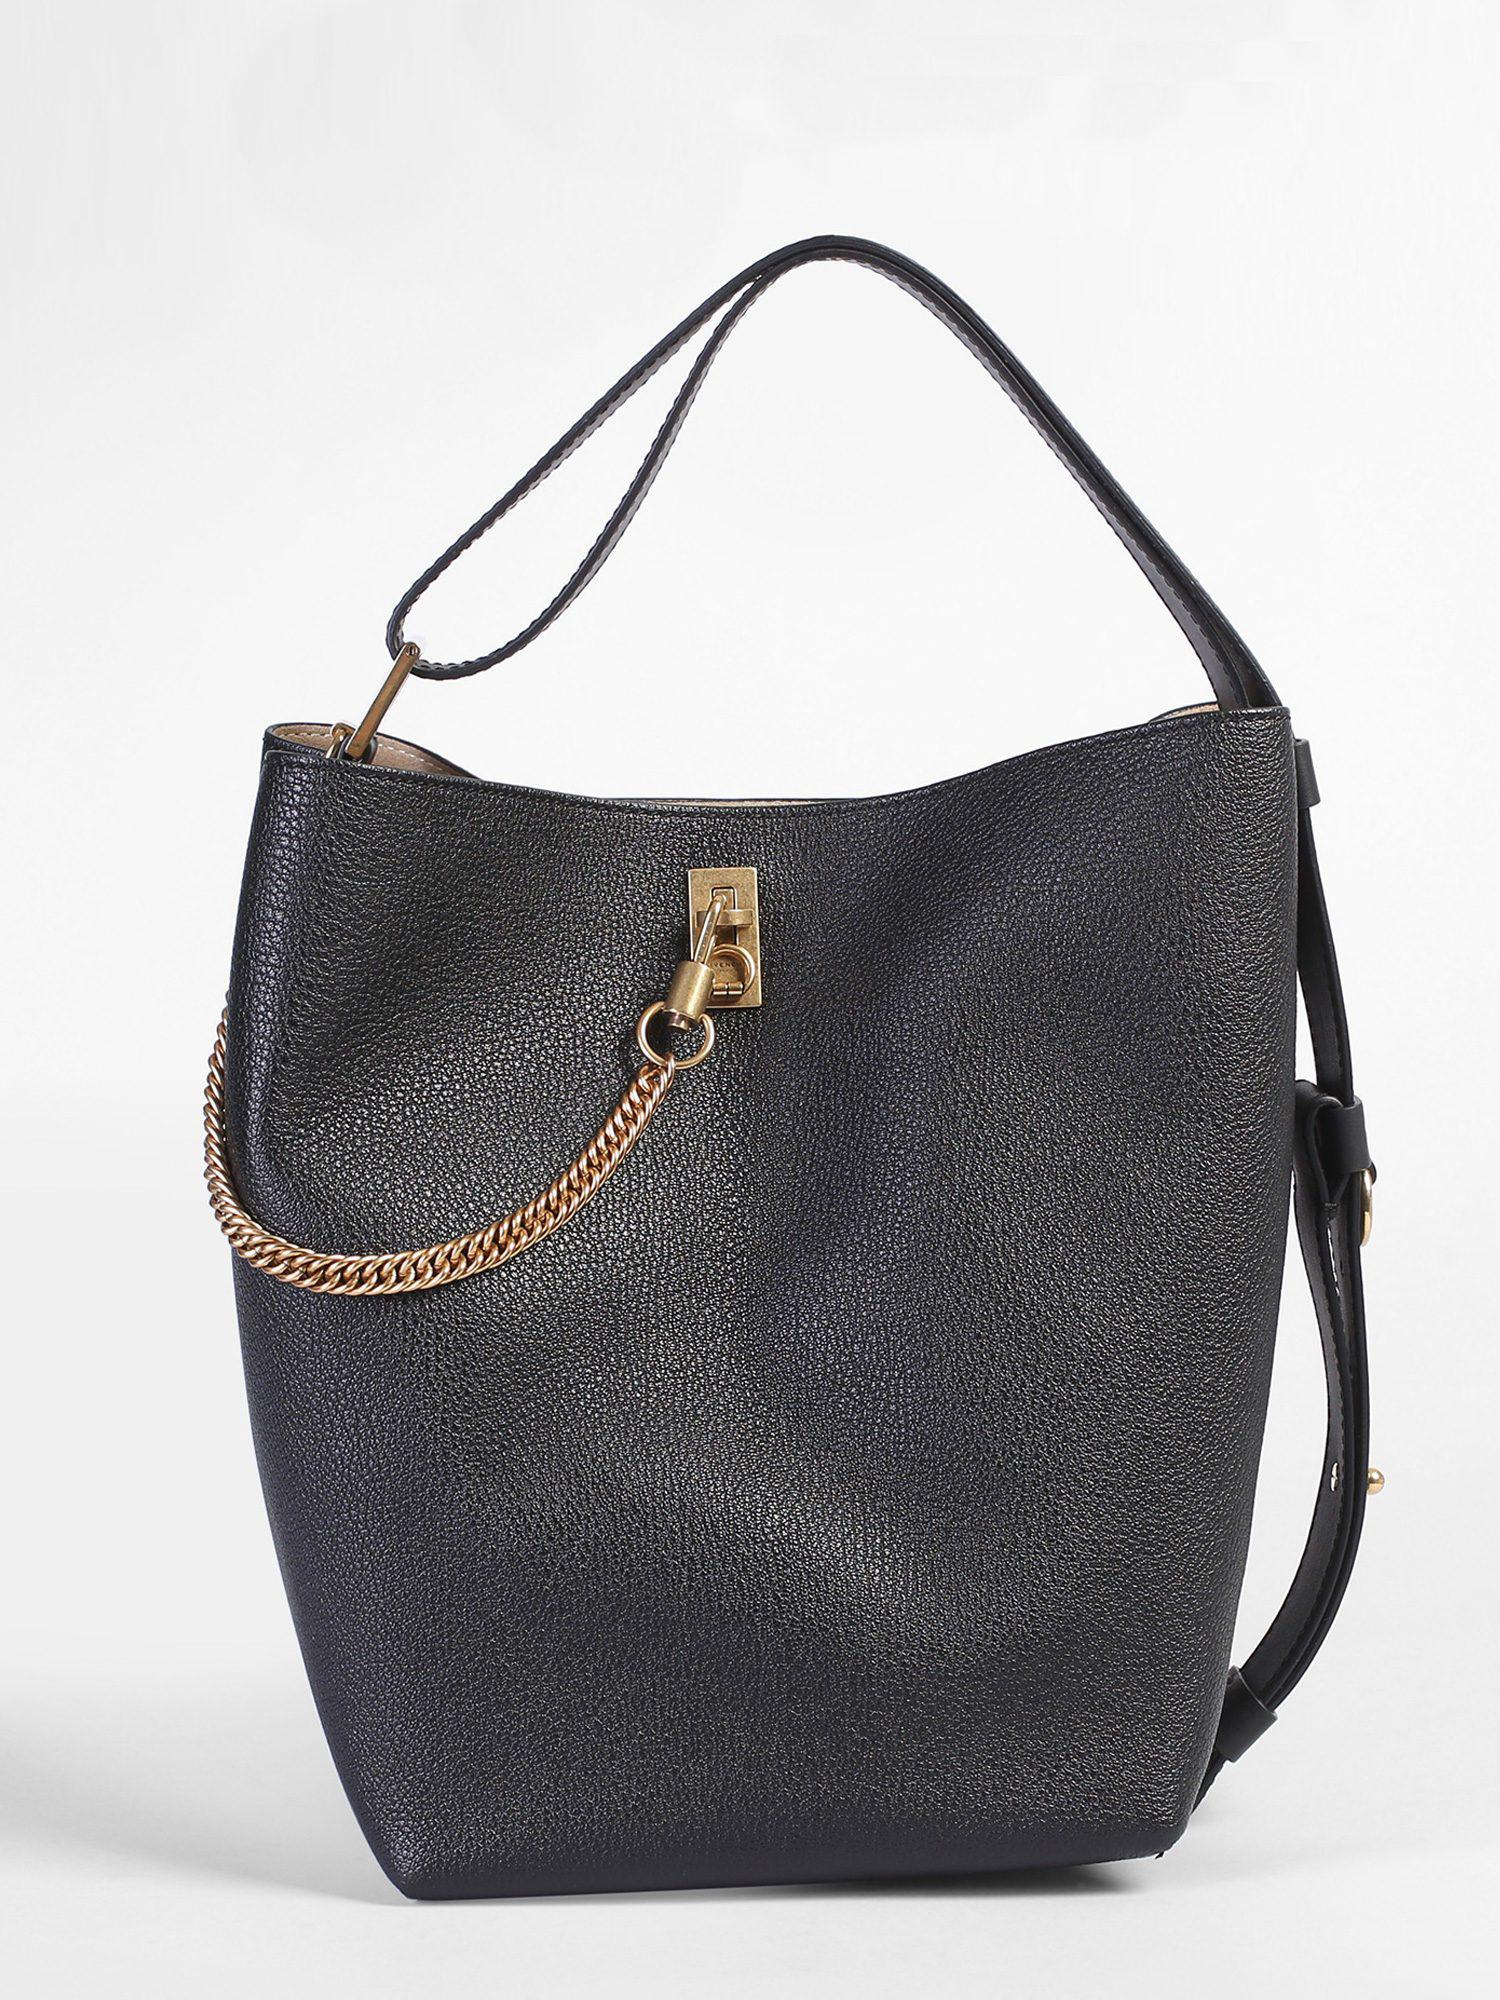 a001ff17b8 Givenchy Medium Gv Leather Bucket Bag in Black - Lyst